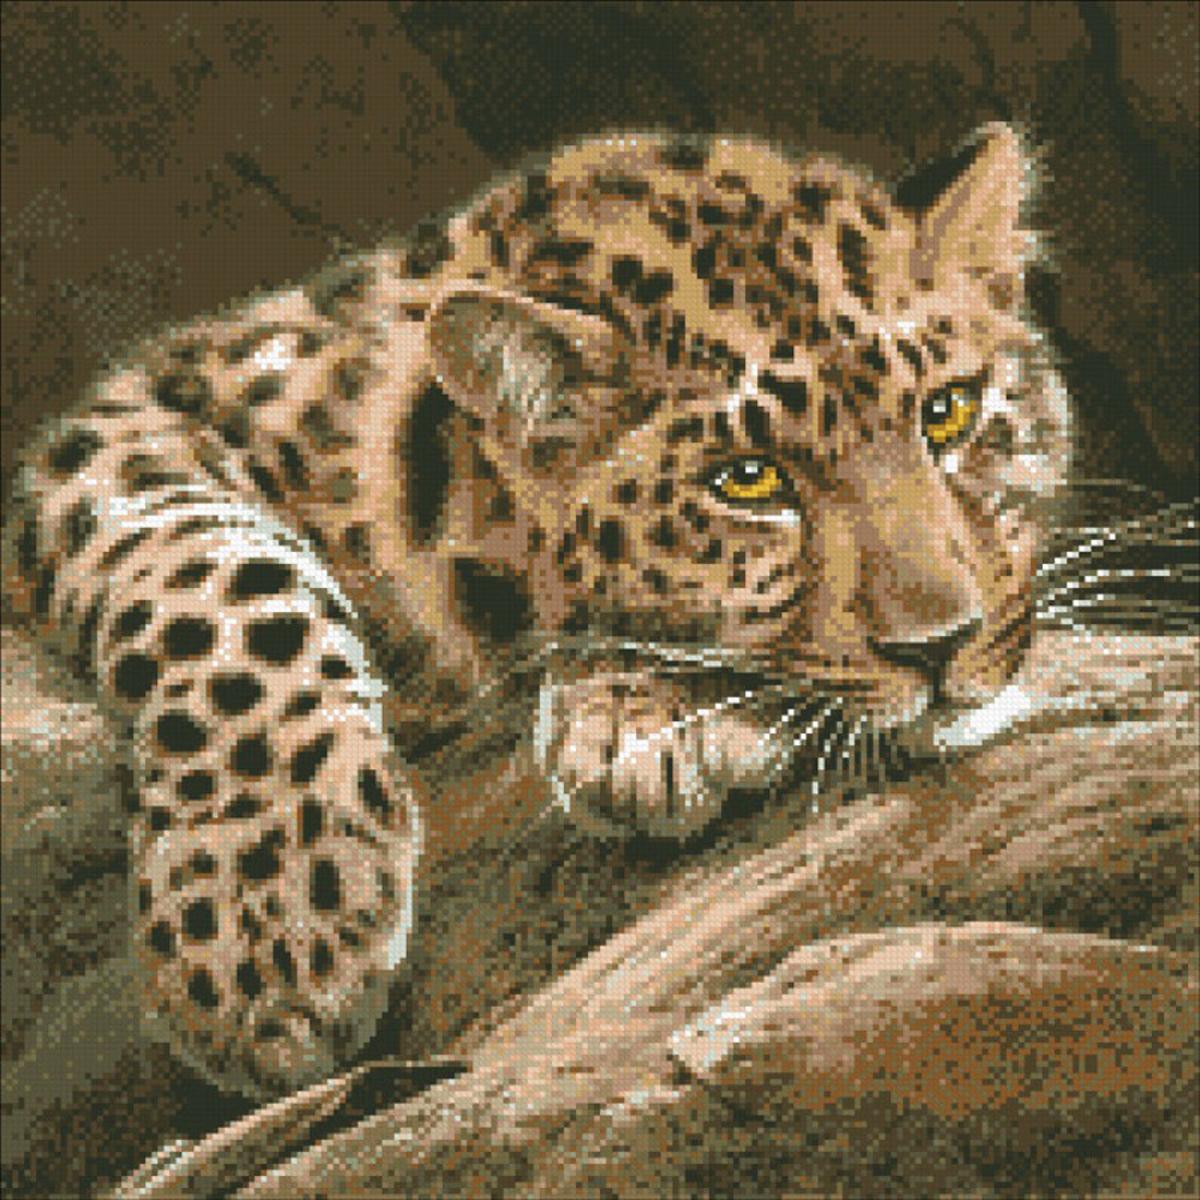 Набор для изготовления картины со стразами Паутинка Леопард , 46 х 46 см486730Состав набора: мозаика — 20 цветов, холст с нанесенным рисунком и клеевым слоем, пинцет, подробная инструкция.